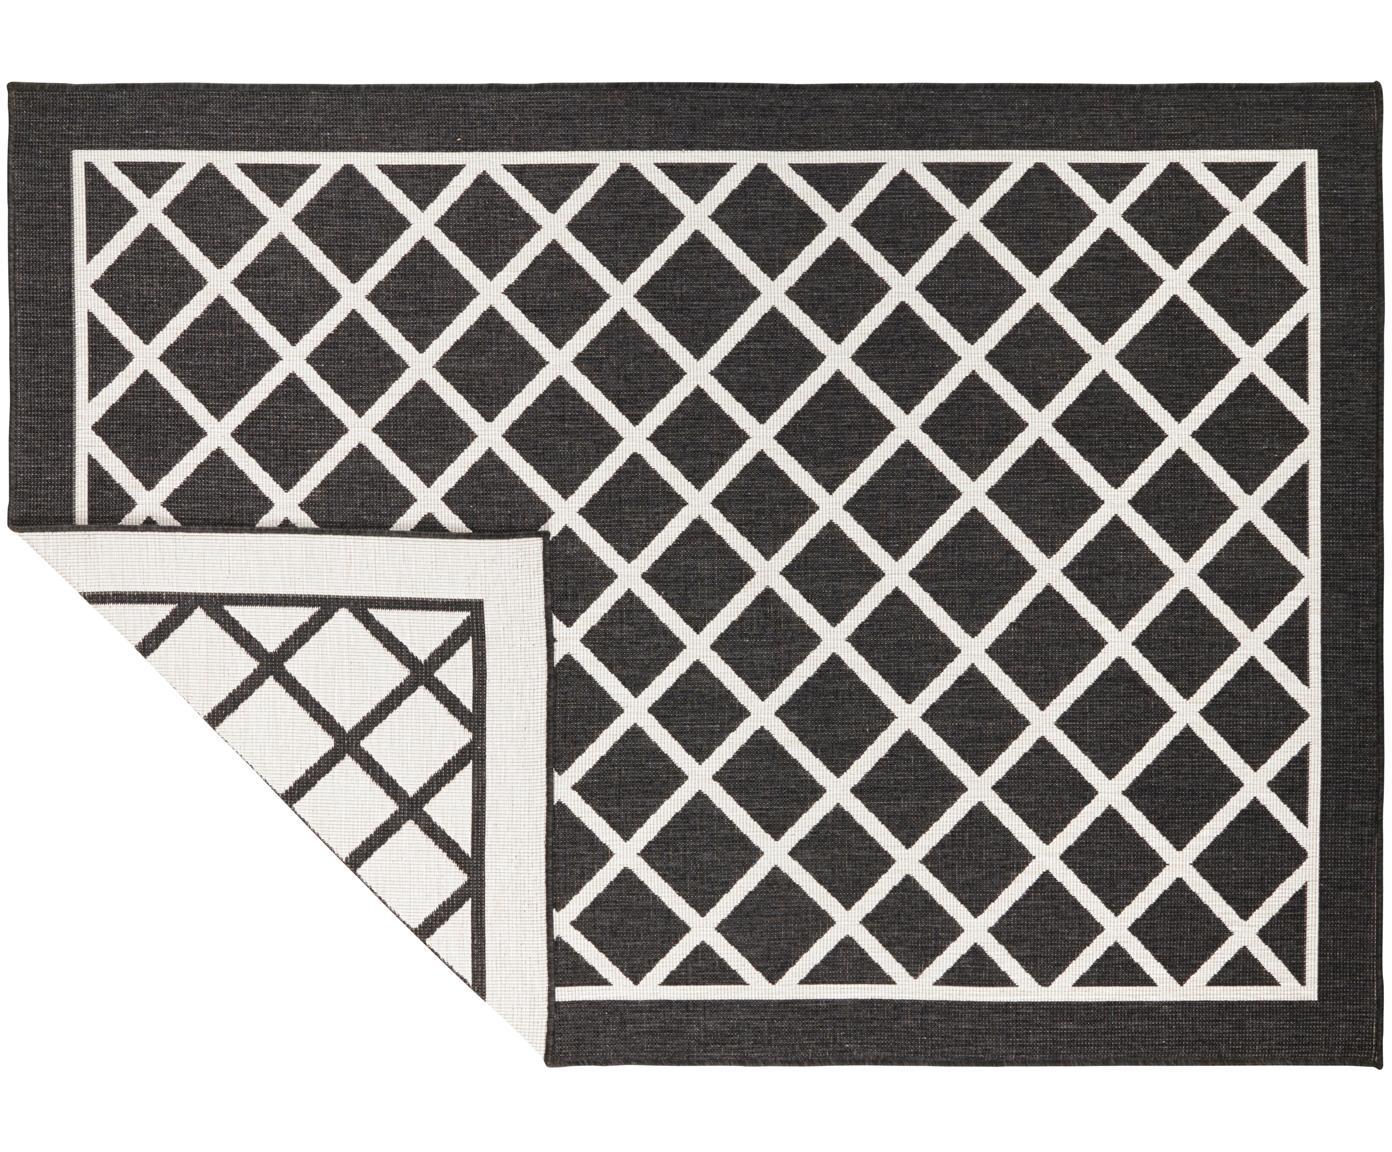 Dubbelzijdig in- en outdoor vloerkleed Sydney met ruitjesmotief in zwart/crèmekleur, Zwart, crèmekleurig, 120 x 170 cm